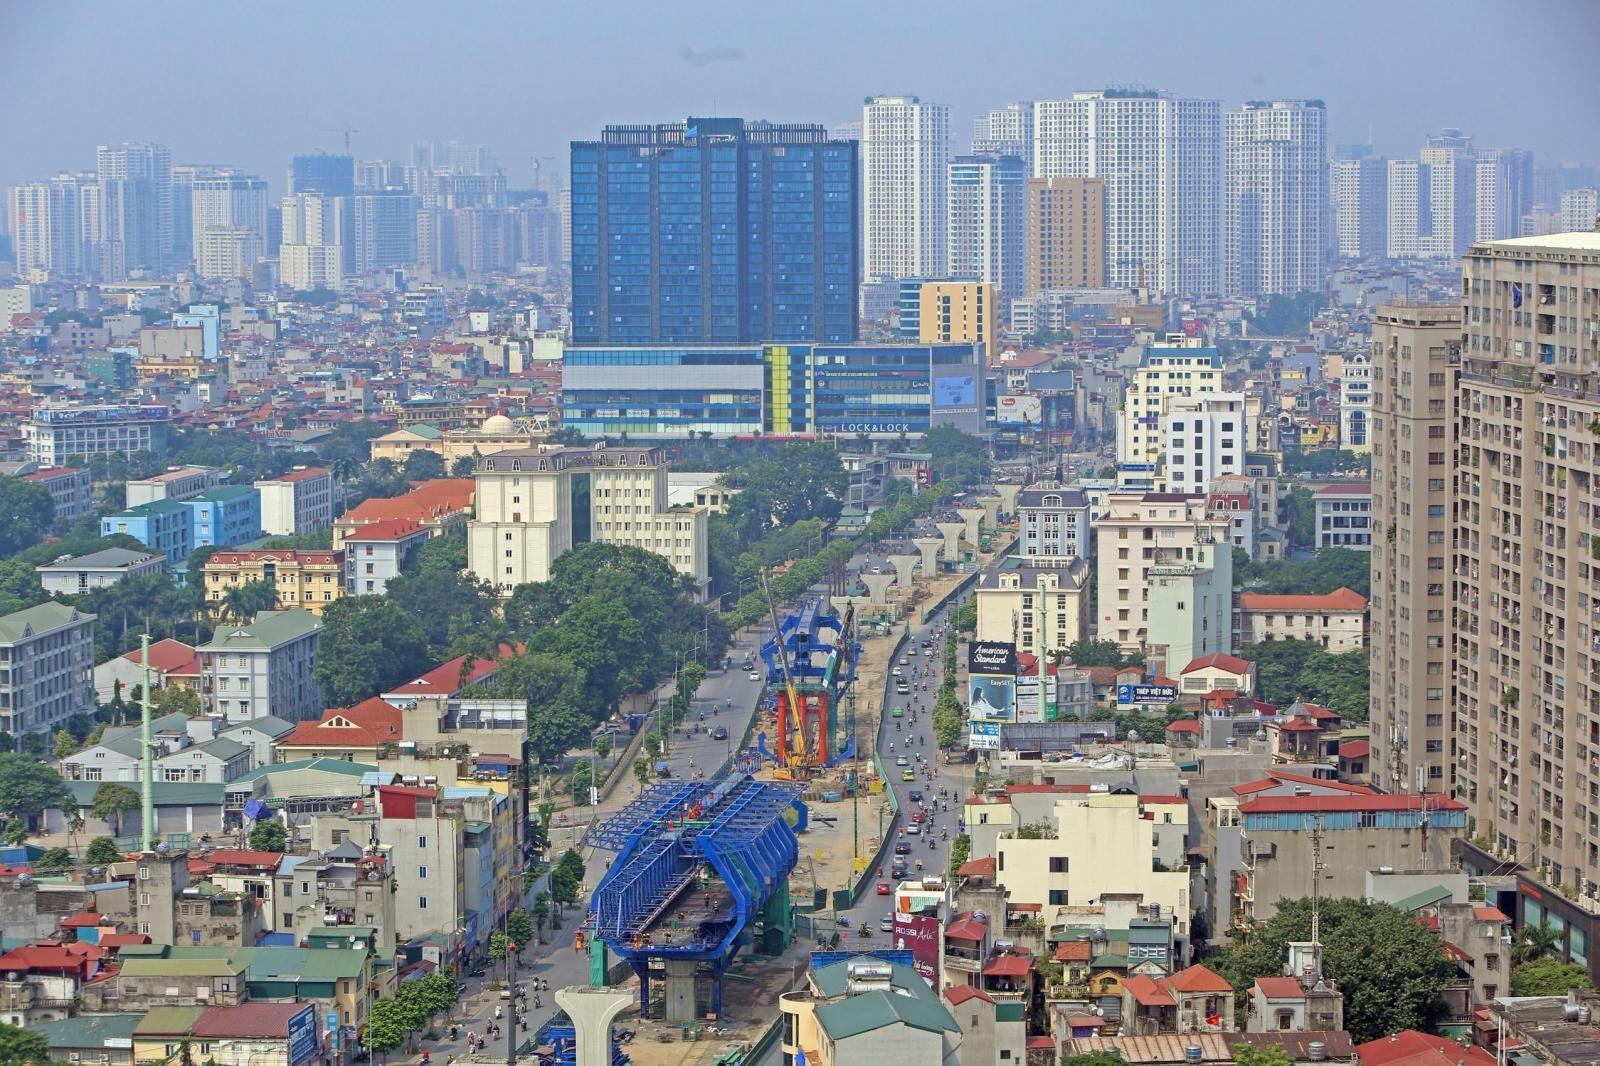 đường vành đai đi qua thành phố, nhiều tòa nhà cao tầng